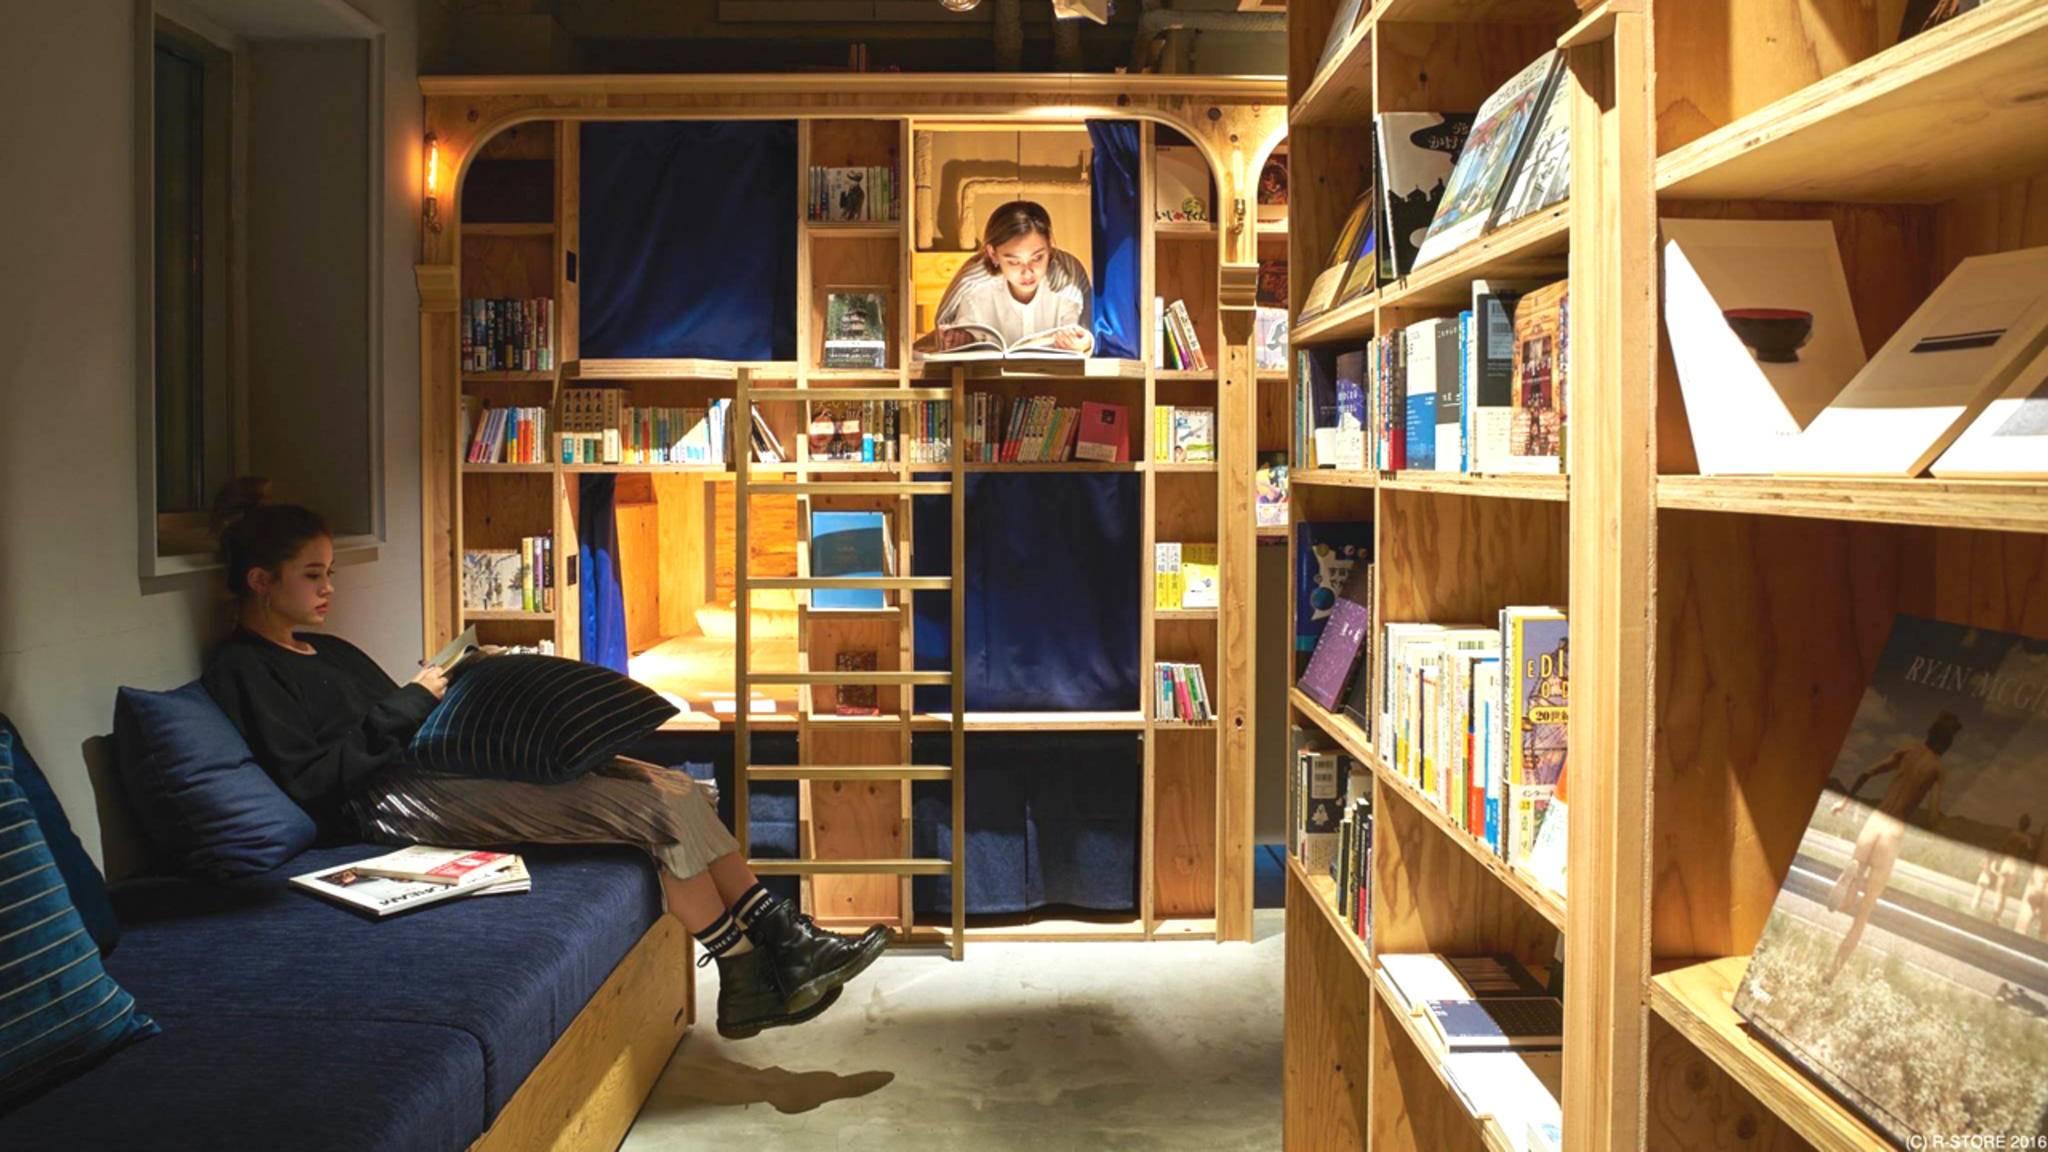 Bücher, wohin man schaut: Im Book & Bed Hostel kommen Leseratten vor lauter Lesen kaum zur Ruhe.